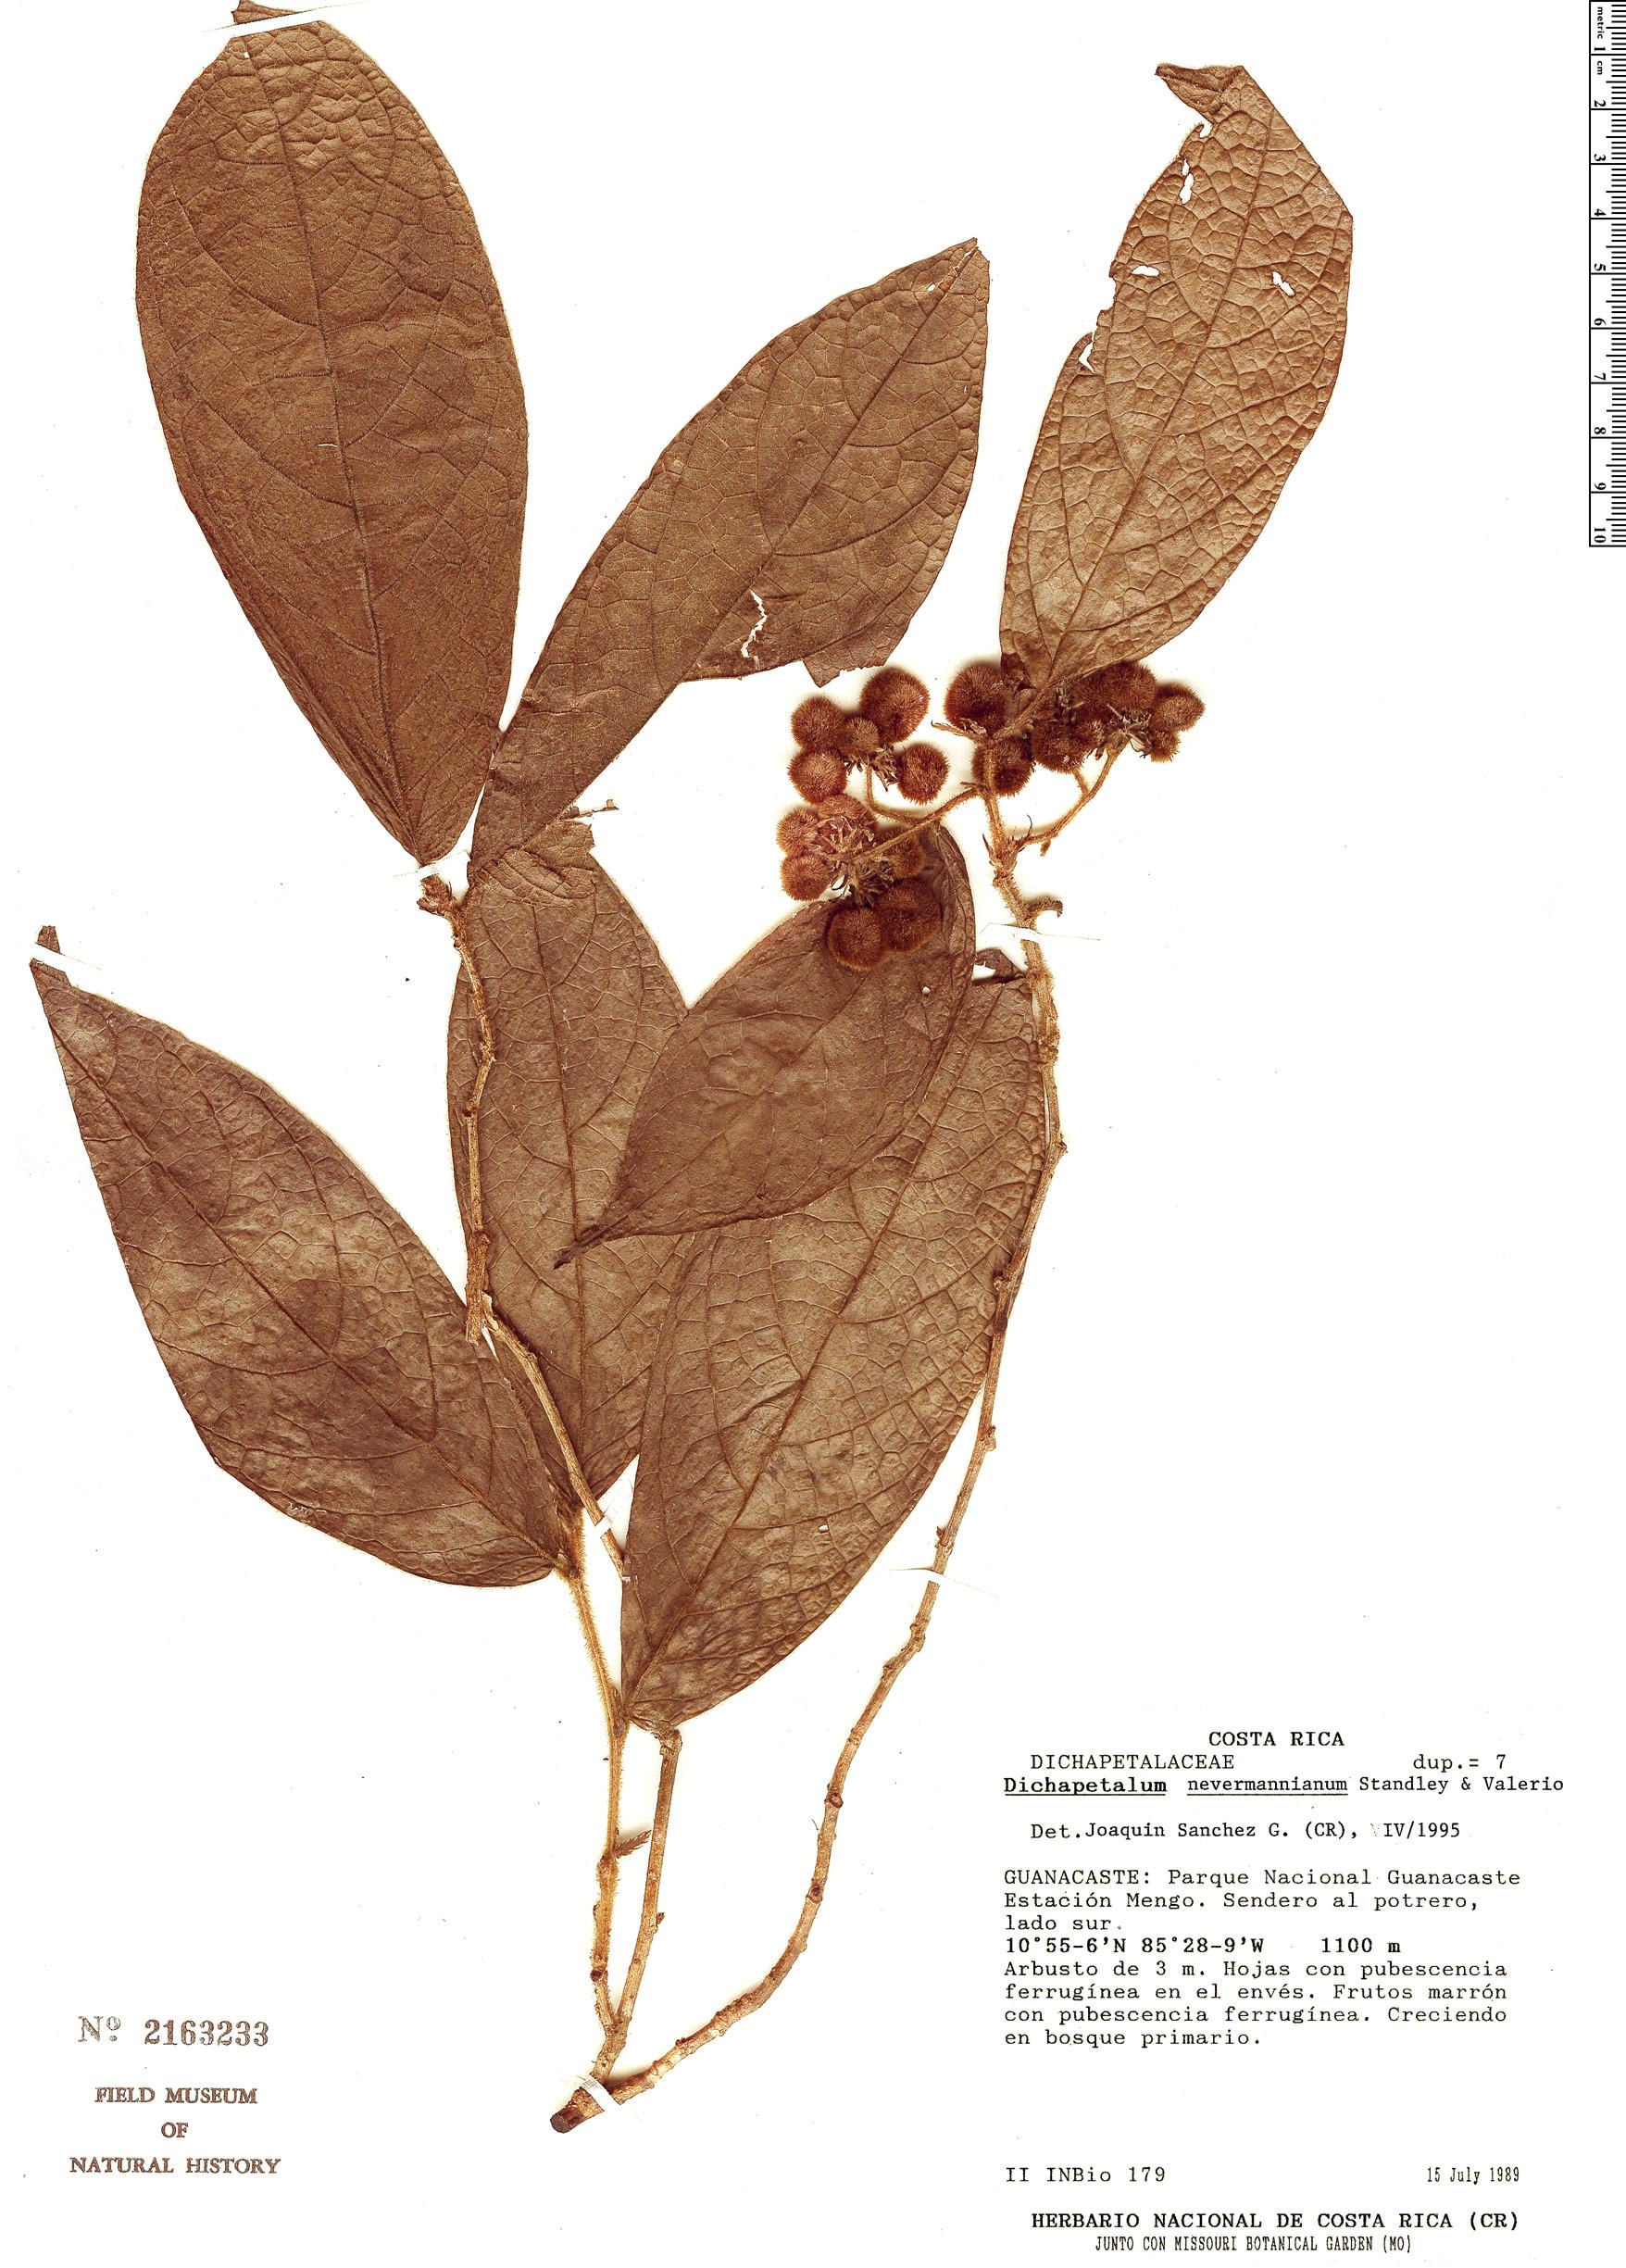 Specimen: Dichapetalum nevermannianum